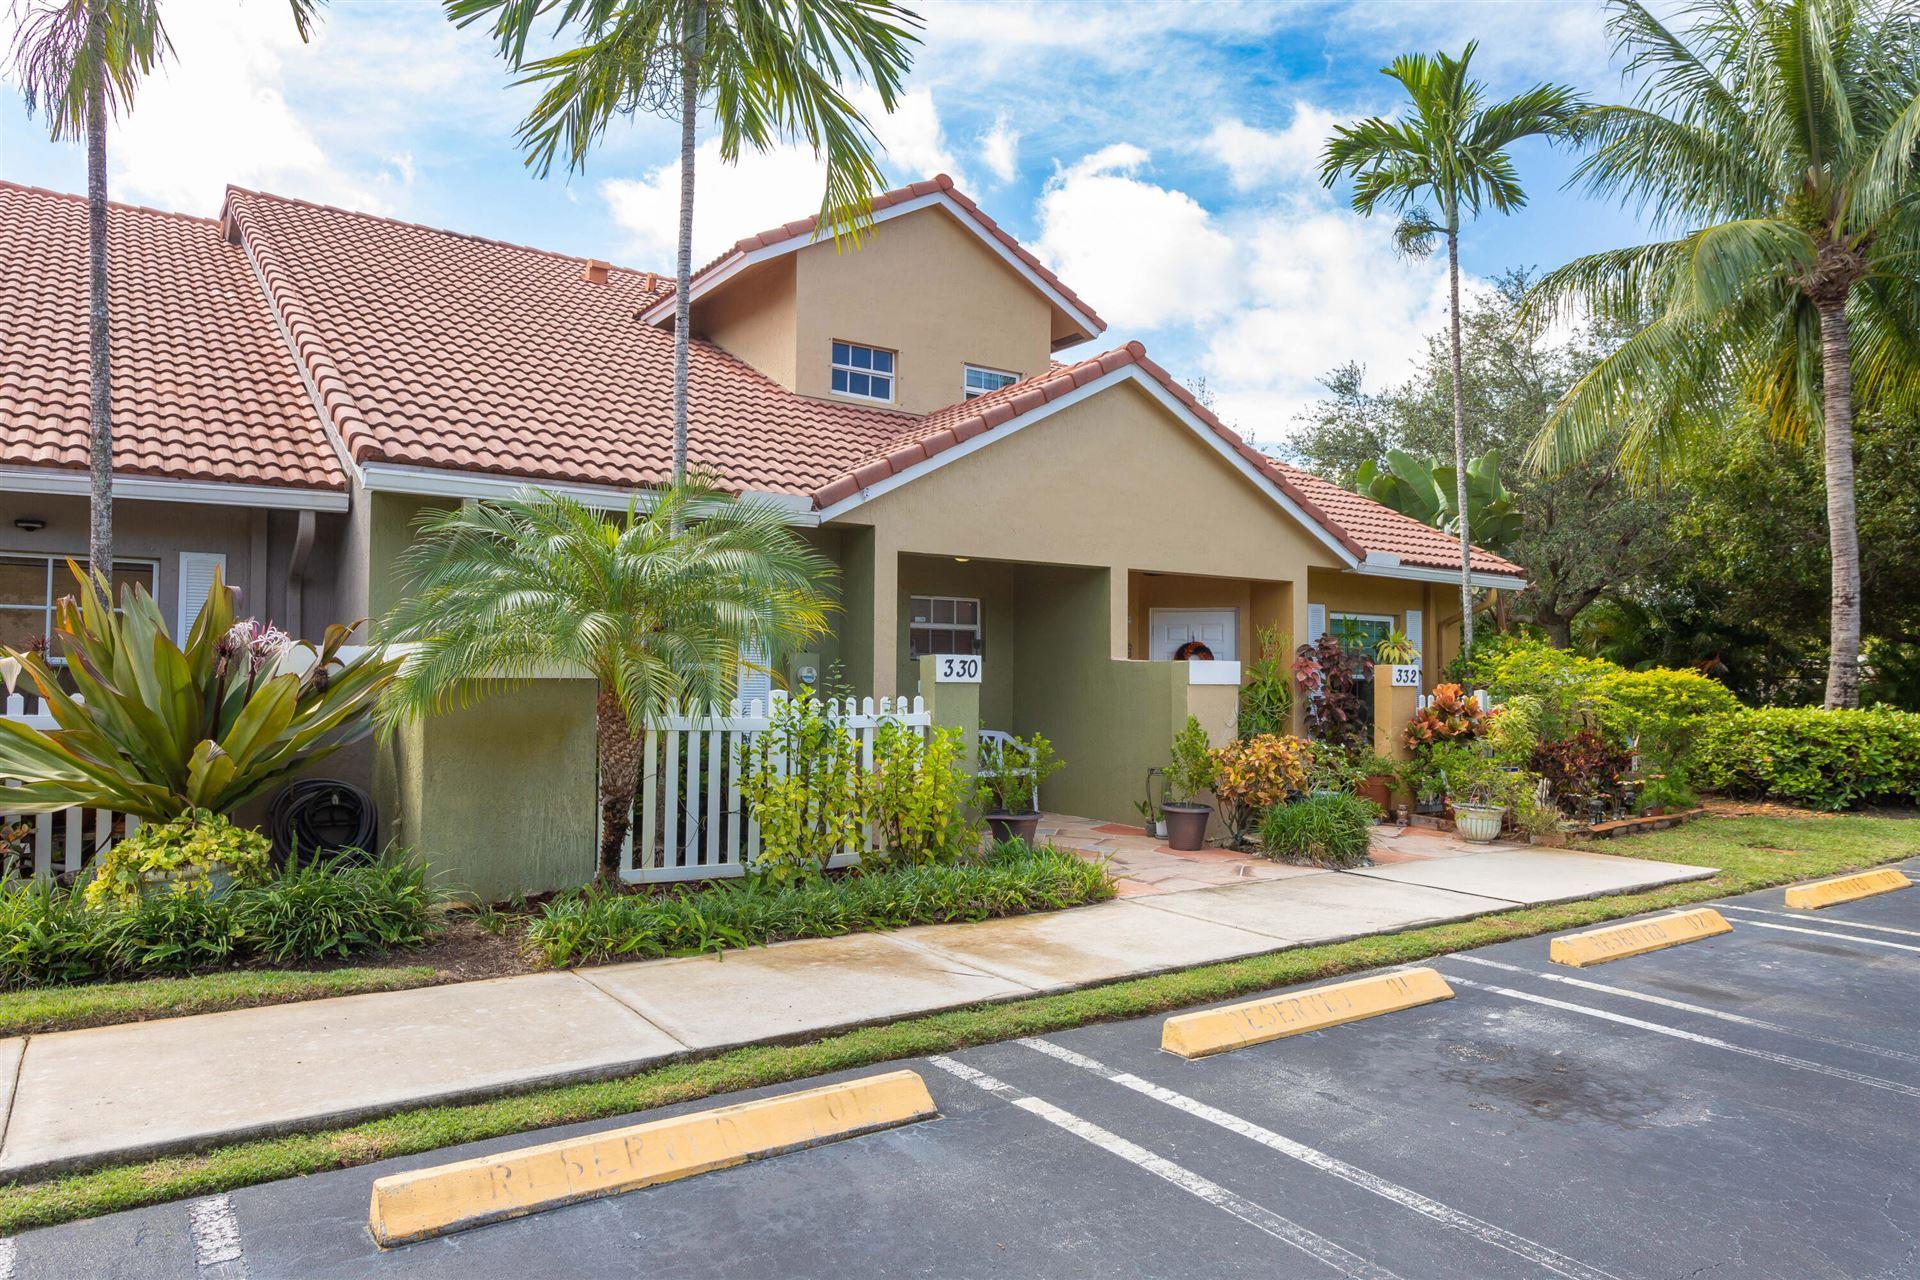 330 SE 23rd Avenue, Boynton Beach, FL 33435 - MLS#: RX-10755097